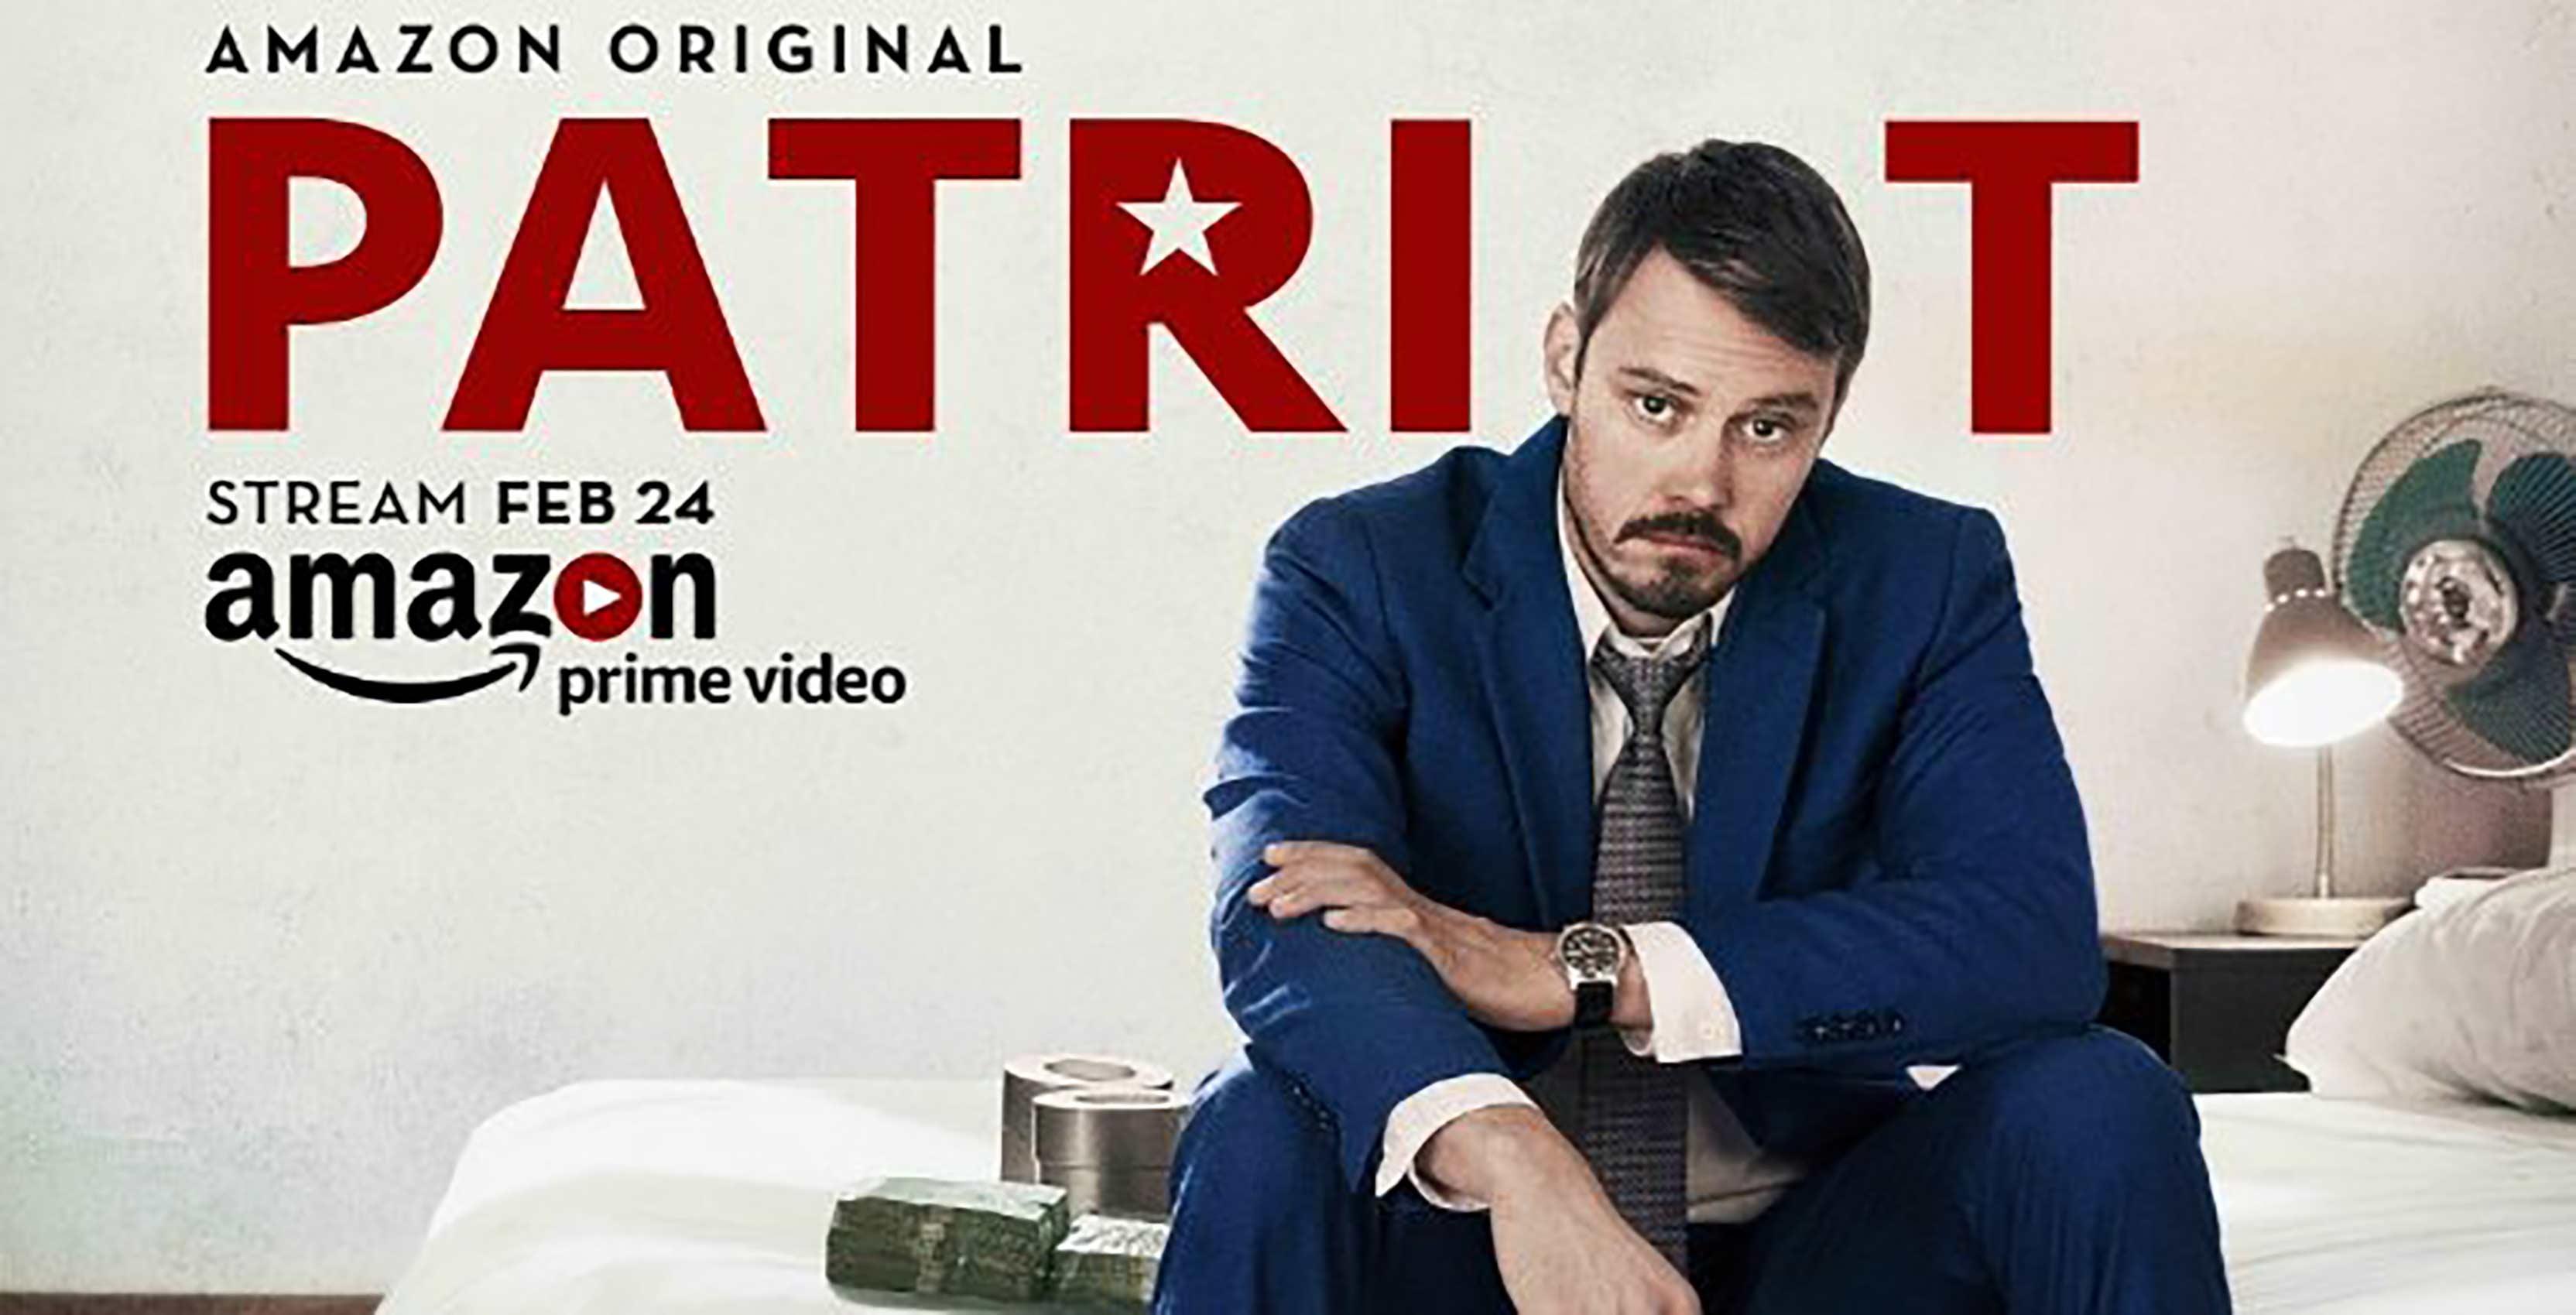 Patriot now on Amazon Prime Video